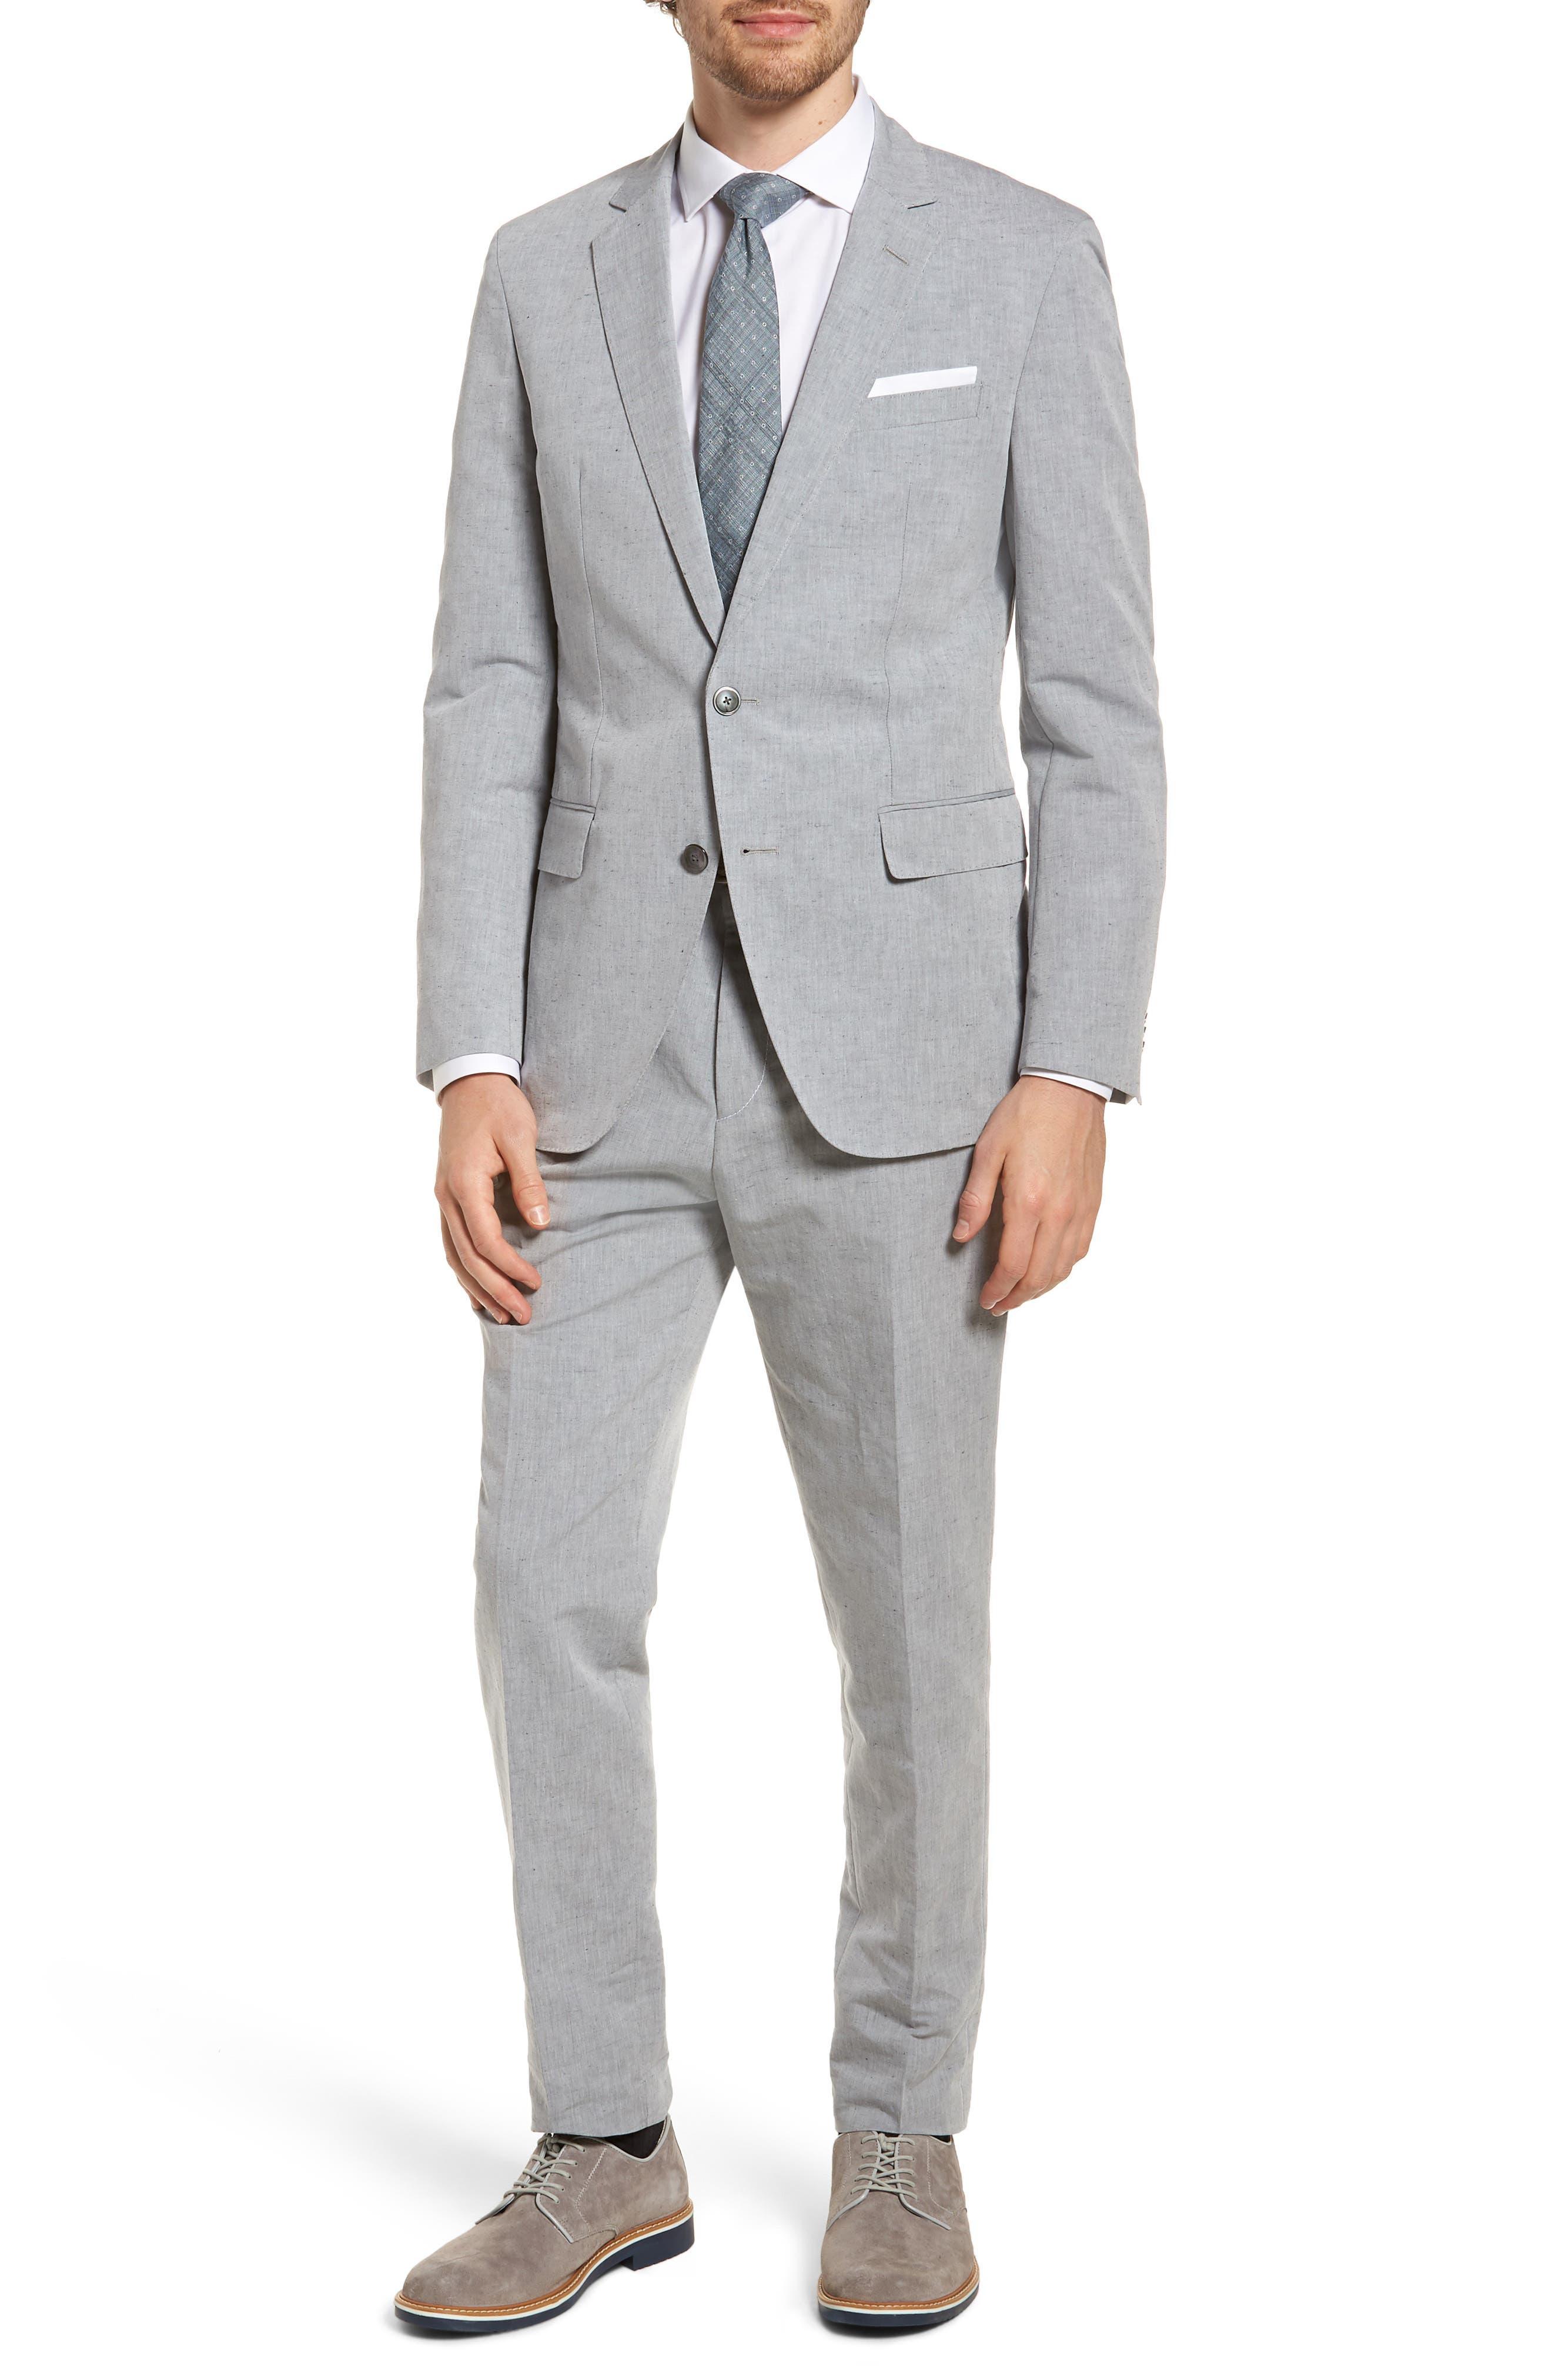 Pirko Flat Front Linen & Cotton Trousers,                             Alternate thumbnail 7, color,                             020